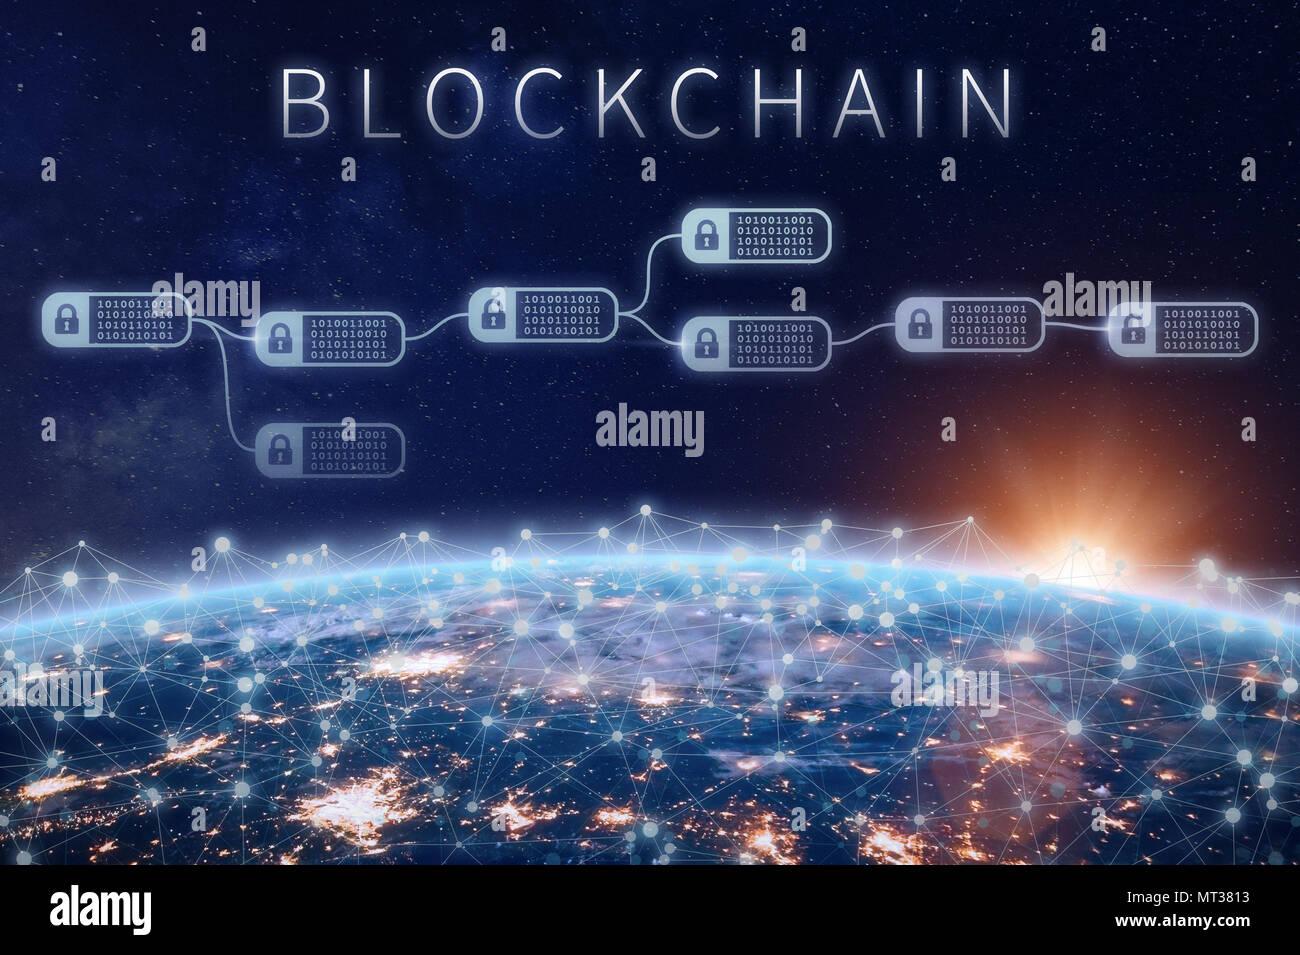 Finanzielle blockchain Technologie Konzept mit Netzwerk verschlüsselter Kette der Transaktion zu blockieren um Planet Erde, cryptocurrency Ledger (Bitcoi verbunden Stockbild